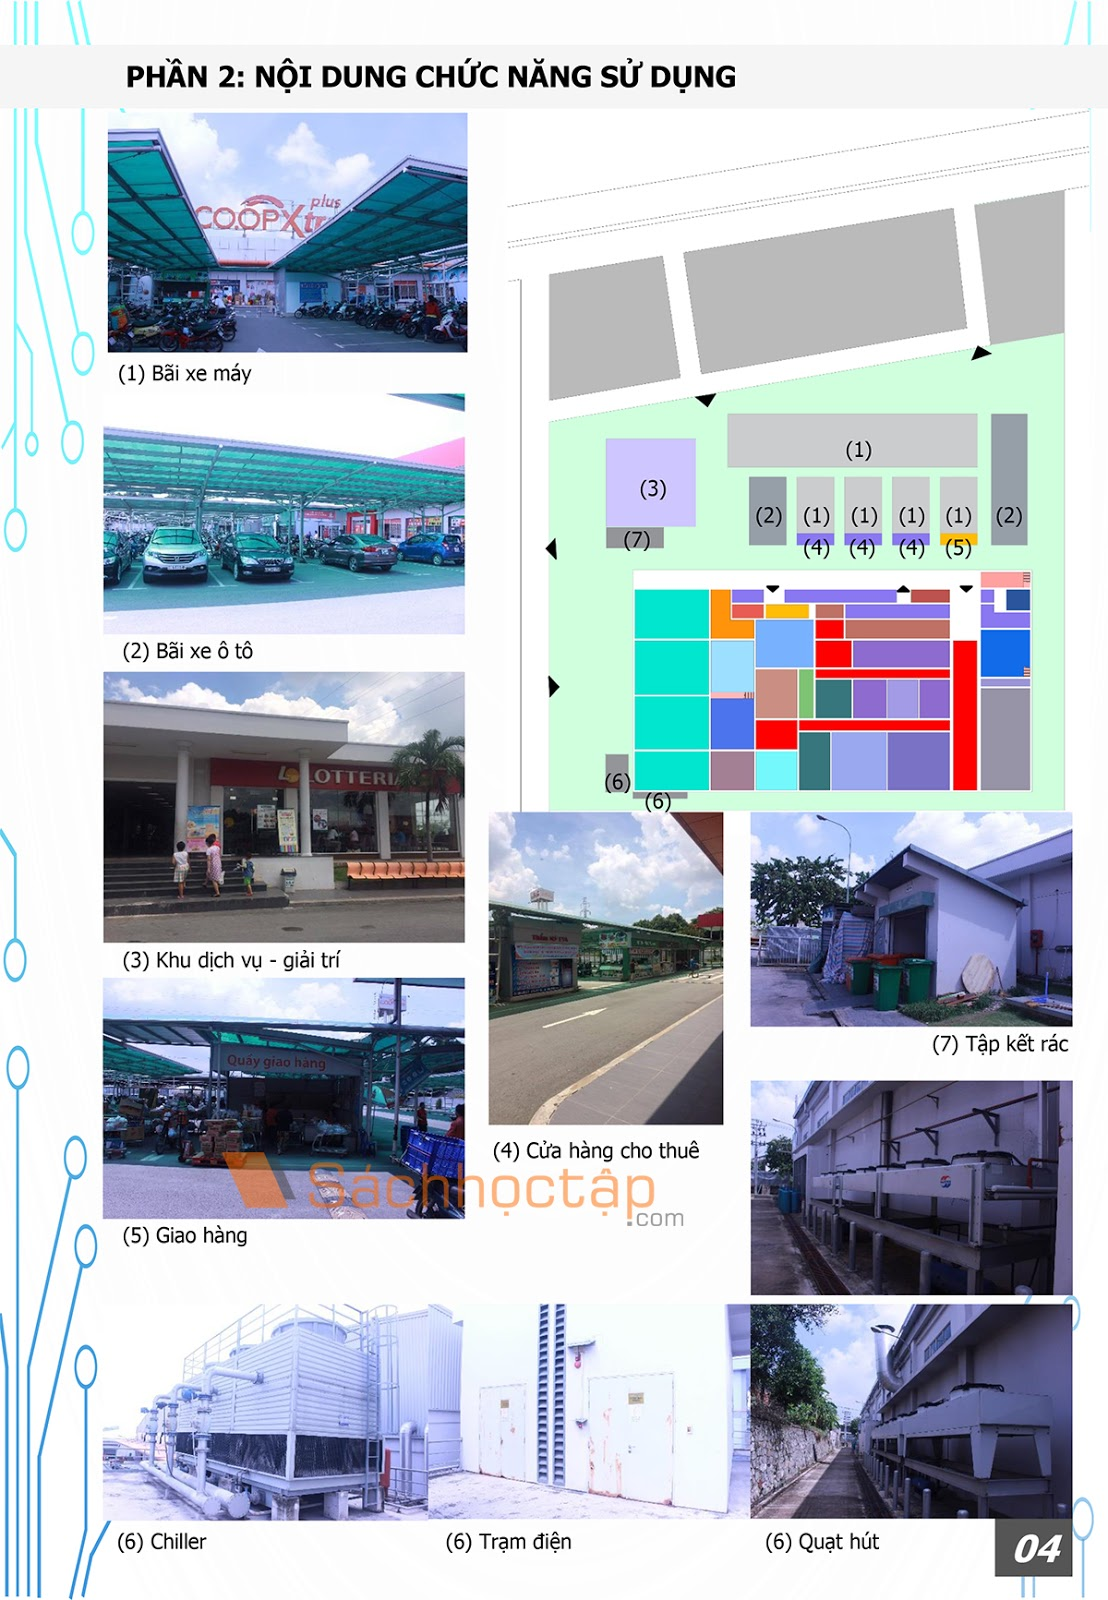 Chuyên đề kiến trúc 4: Kiến trúc thương mại - Dịch vụ: Siêu thị Co.opxtra Plus Thủ Đức - Preview 5